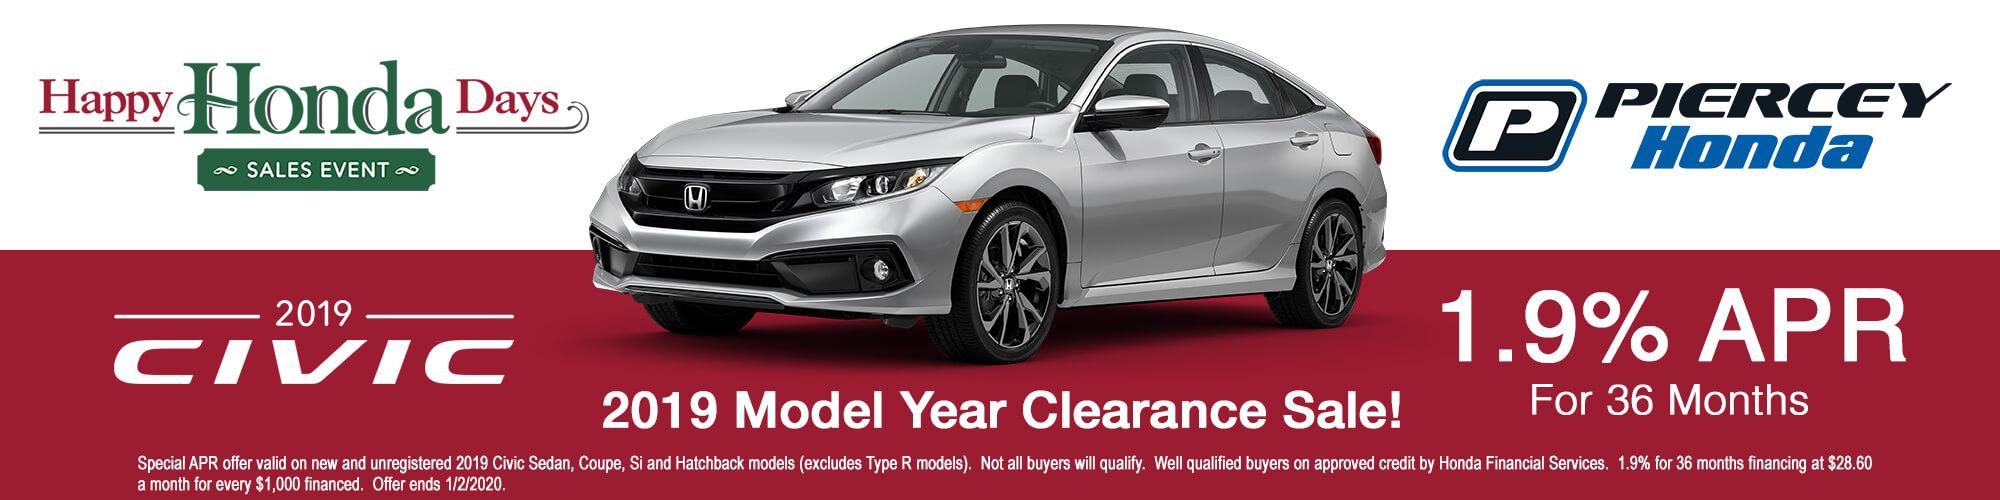 2019 Honda Civic Special APR offer